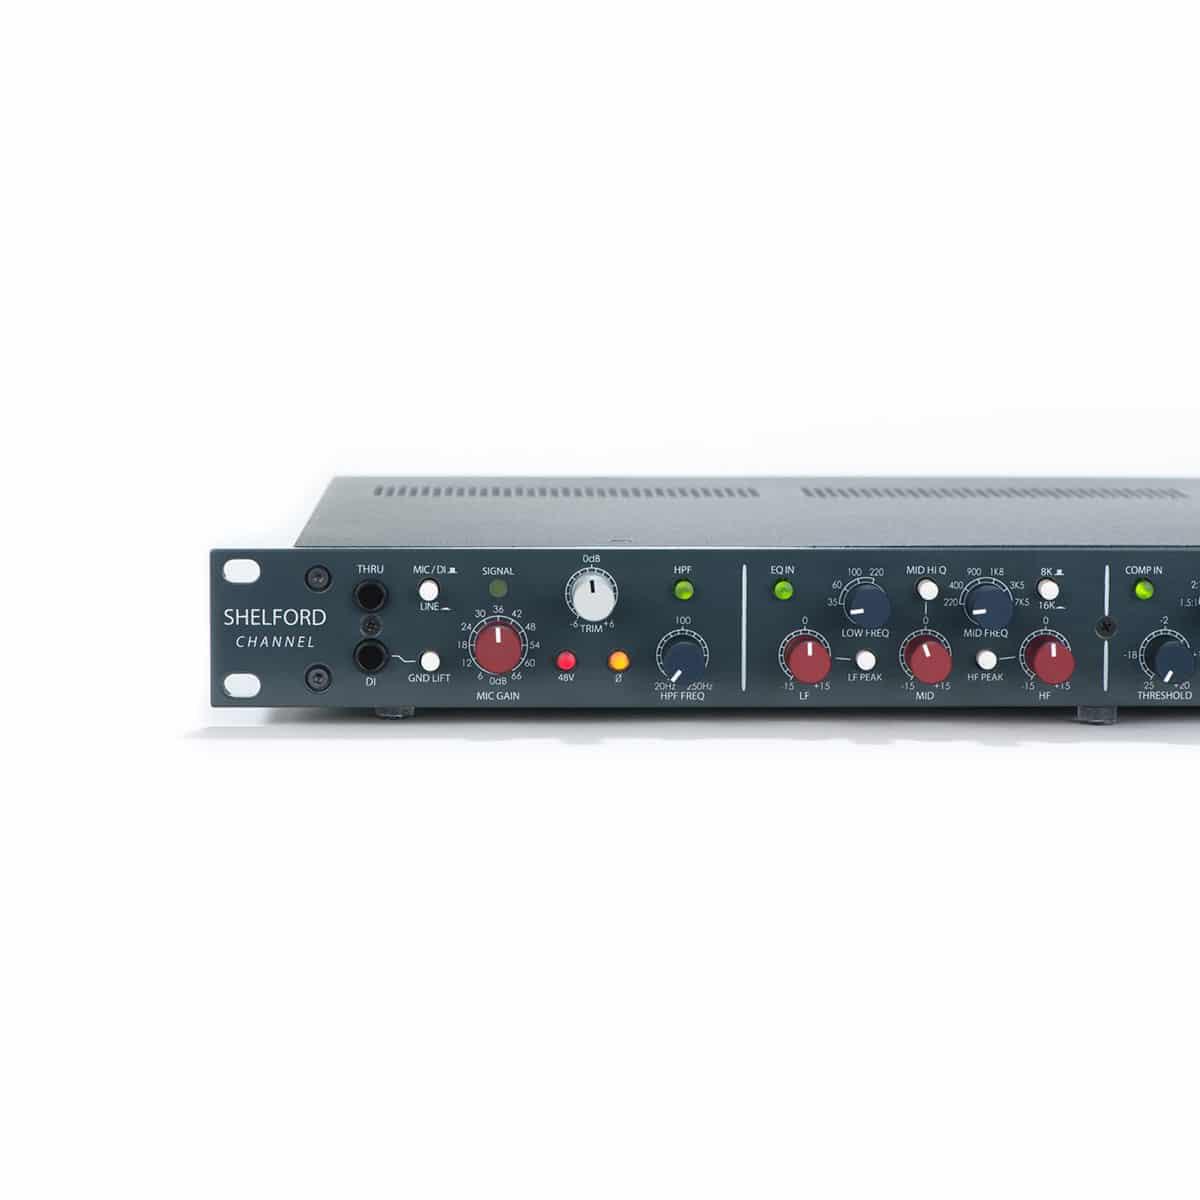 Rupert Neve shelford channel 03 Recording, Outboard, Preamplificatori Microfonici, Equalizzatori, Channel Strip, Compressori